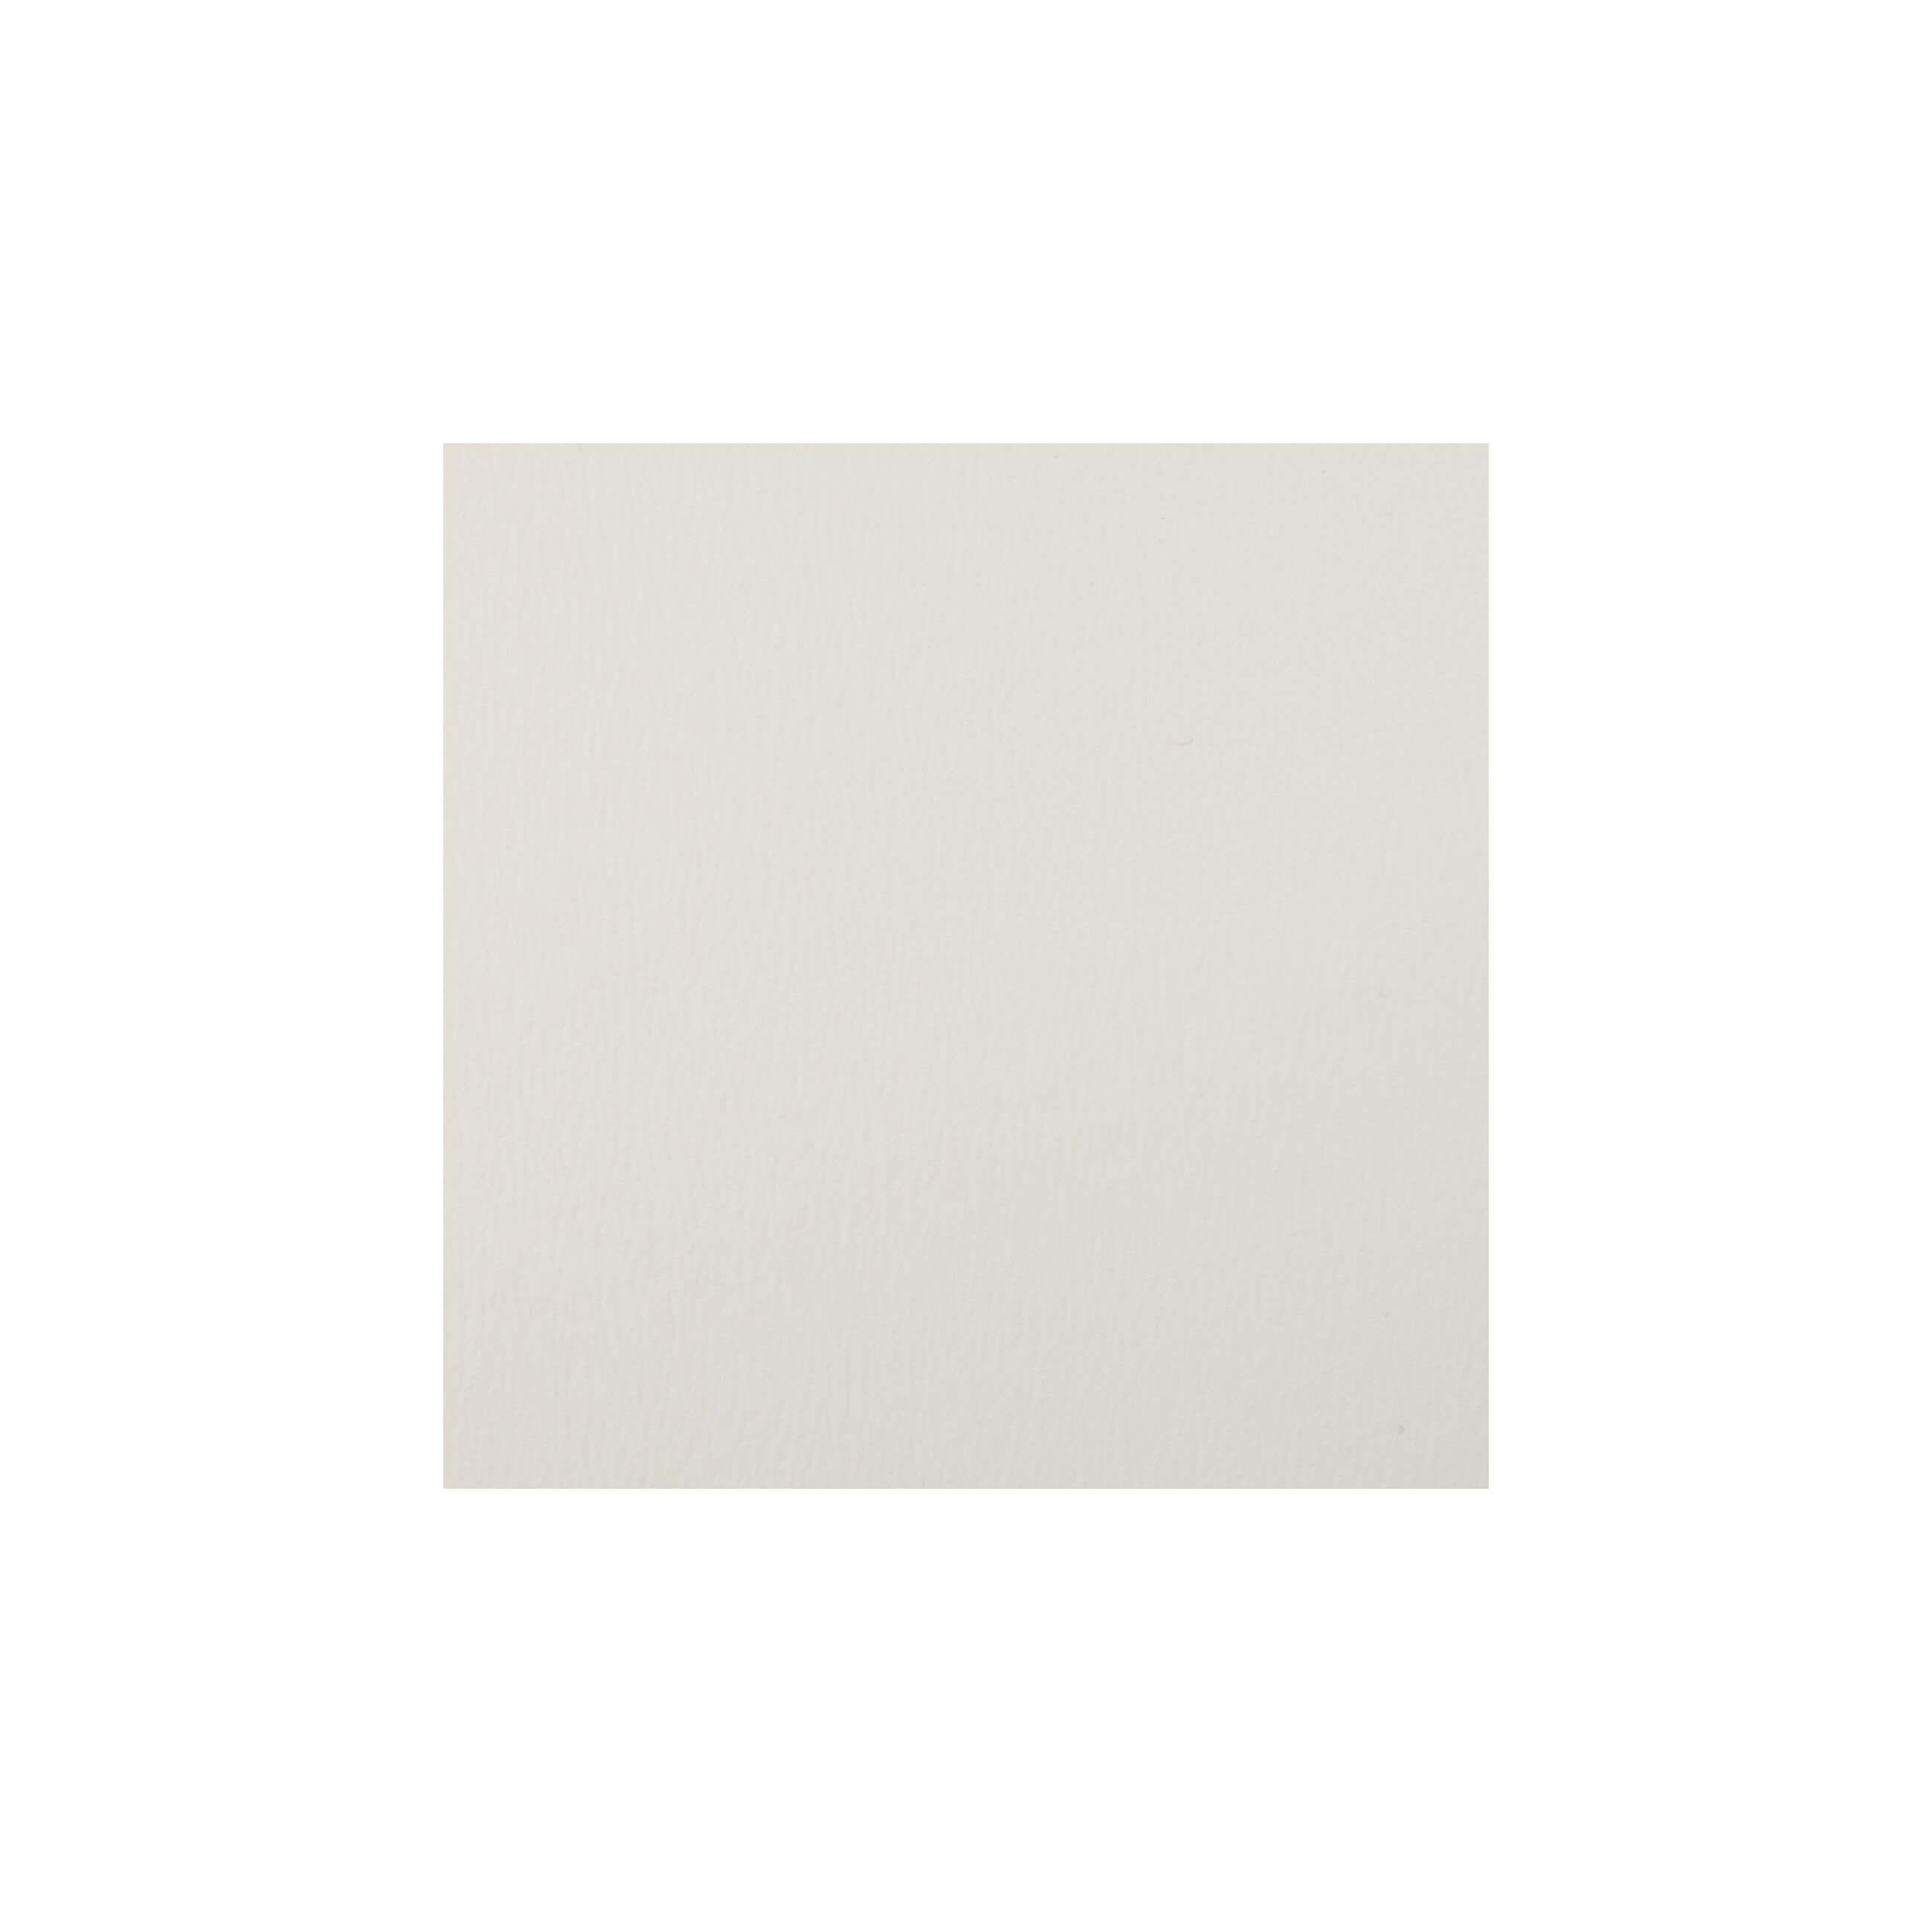 Cardstock 119mm Square - Accent Antique White